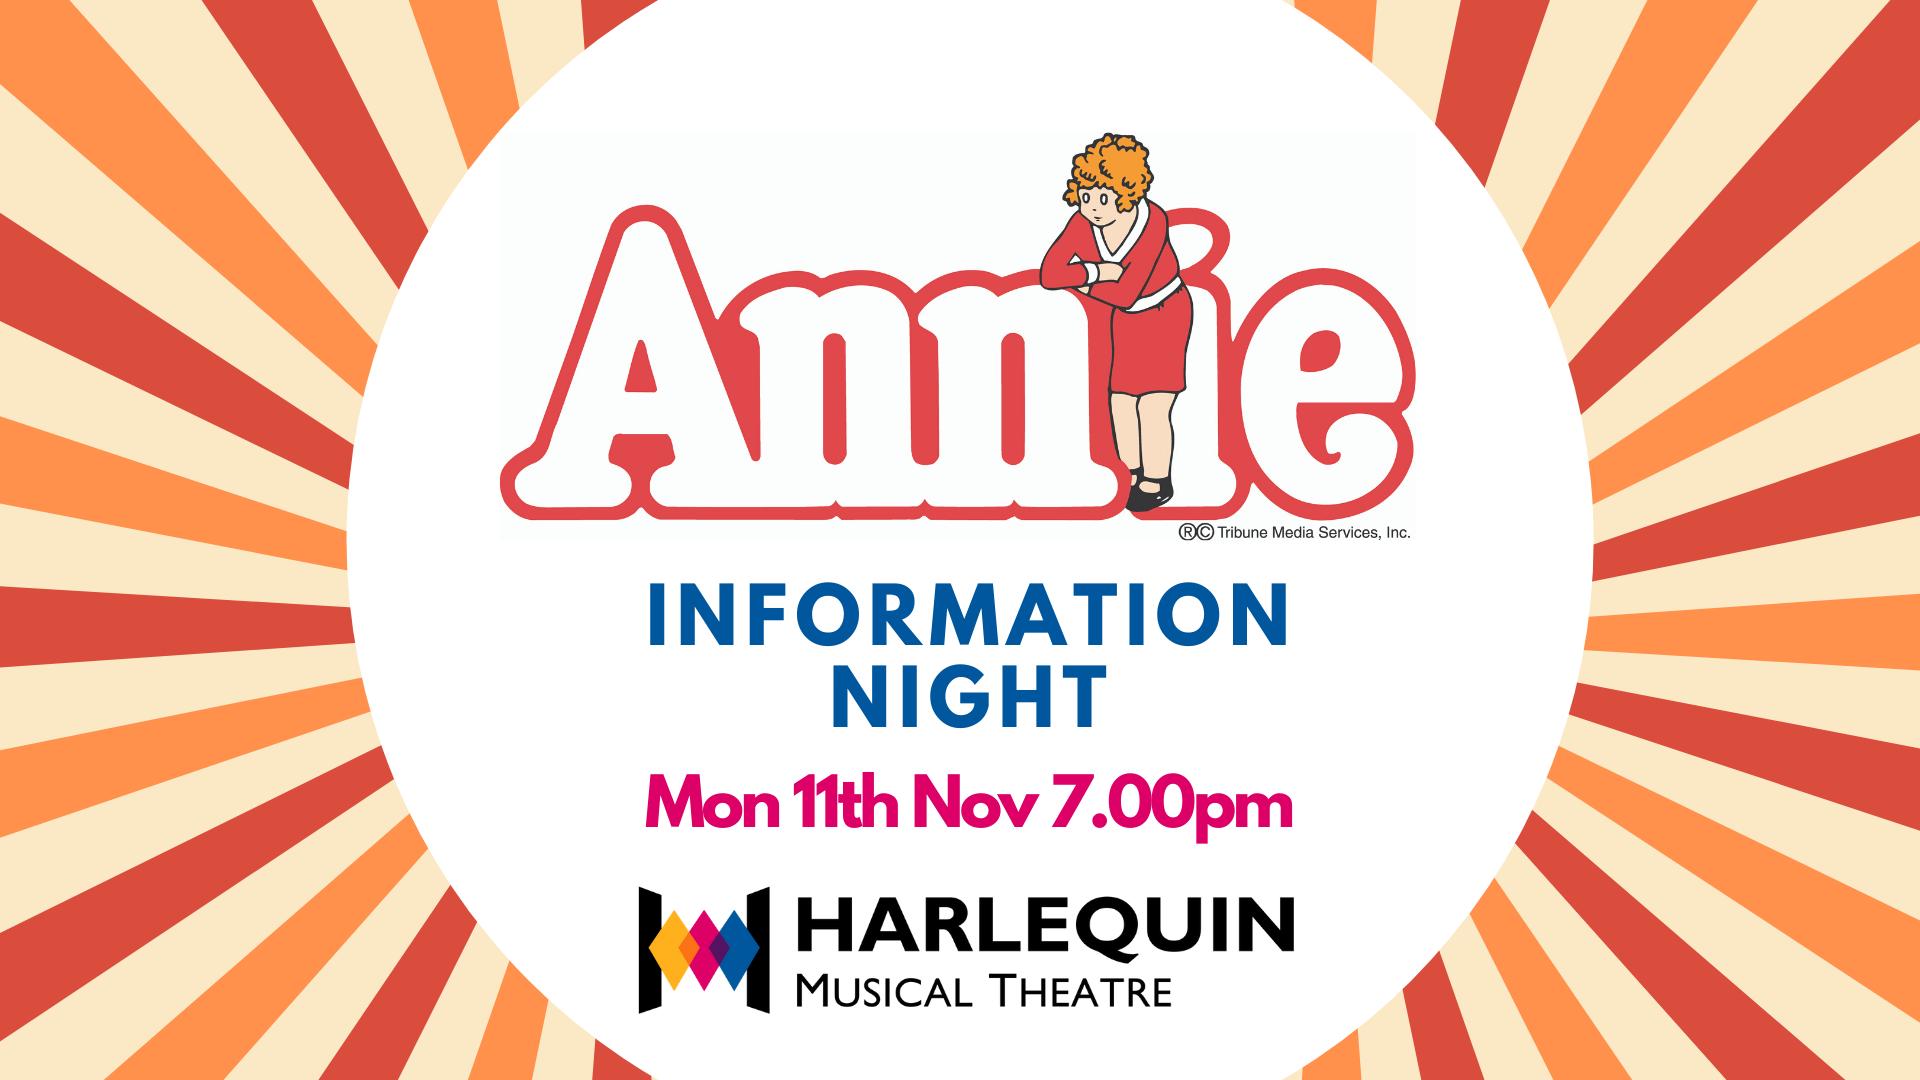 Annie Information Evening